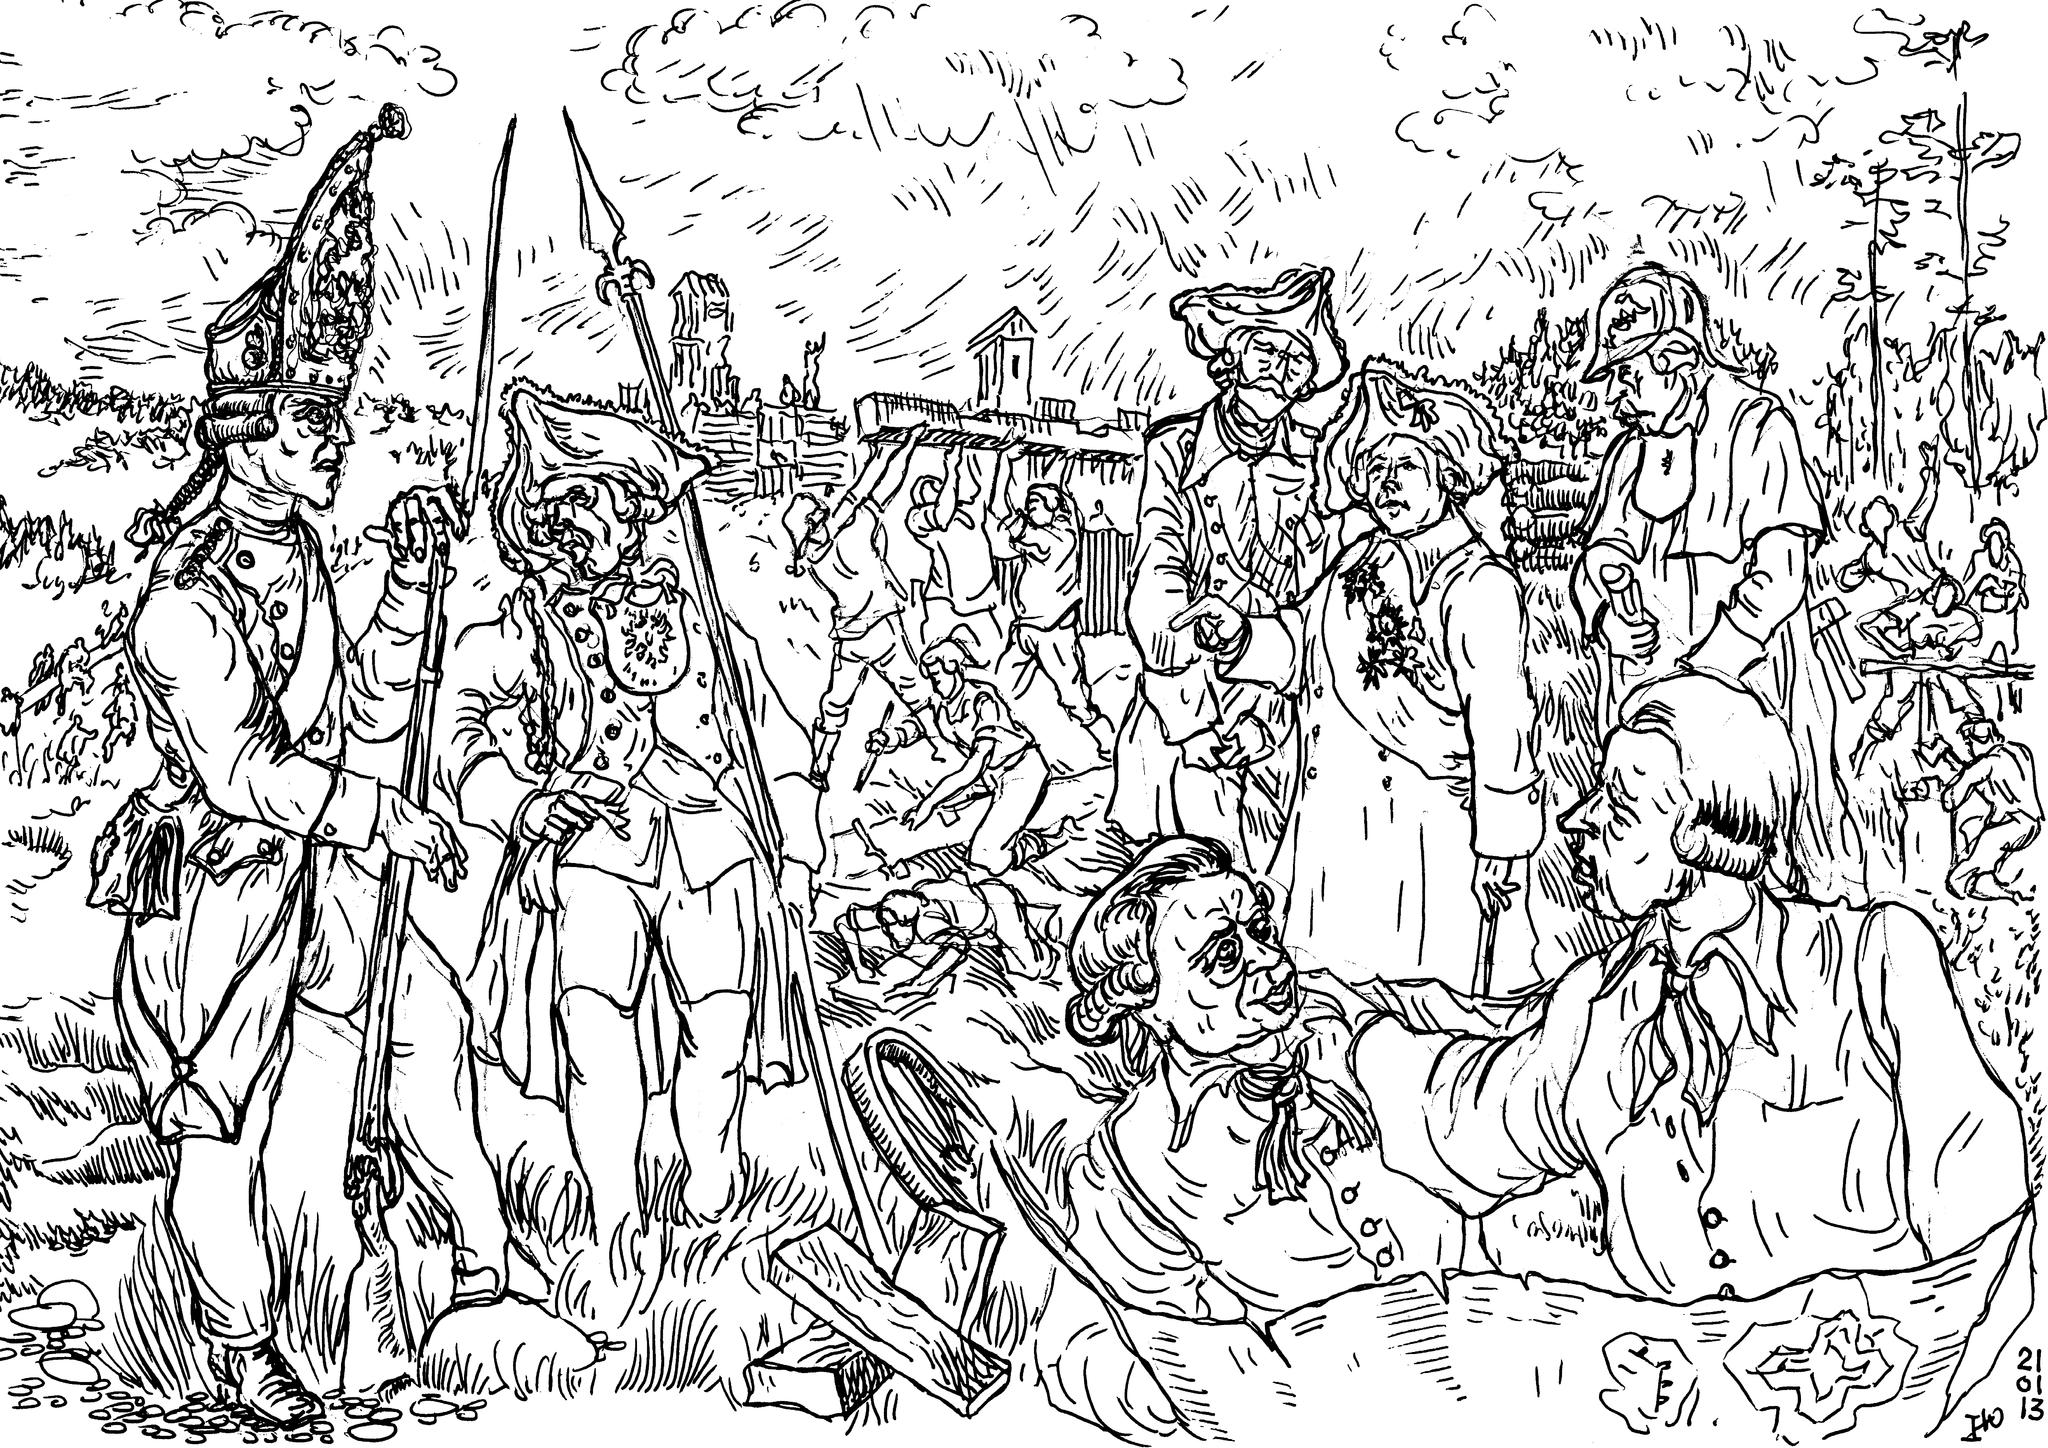 Павел-I требовал соблюдения дисциплины в армии